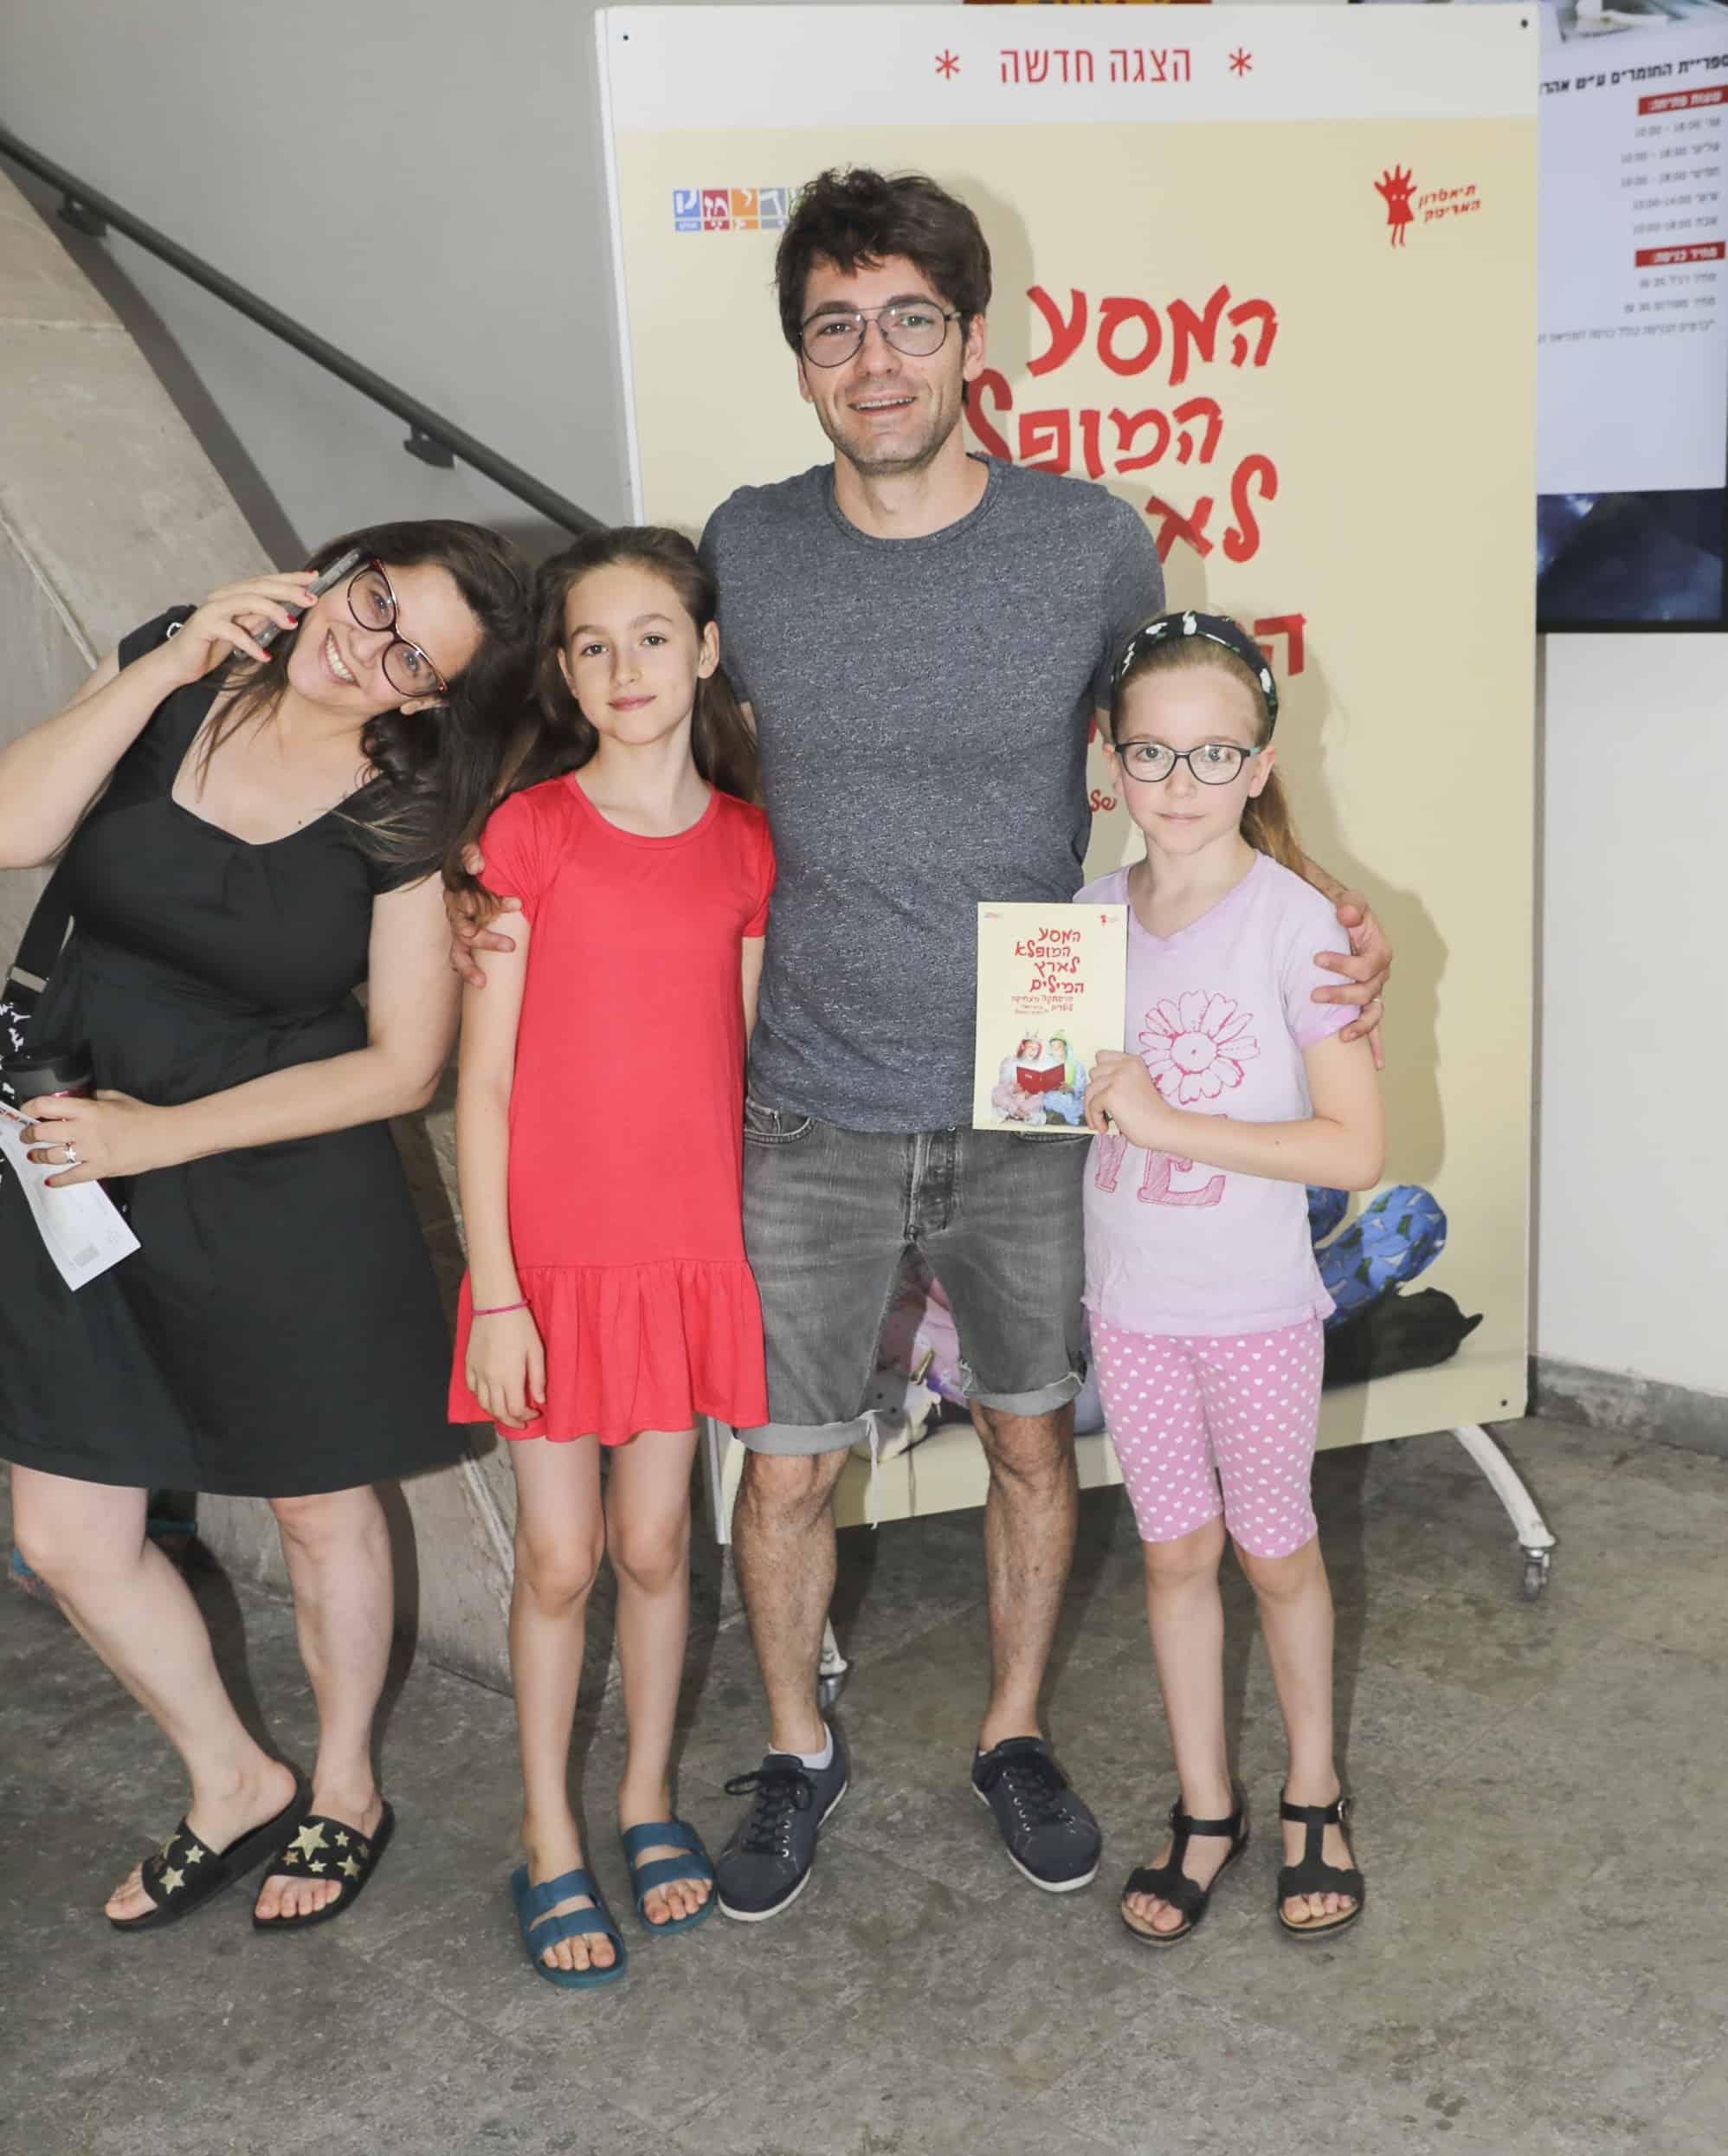 ליאון ופאולה רוזנבלום והבנות, צילום: רפי דלויה